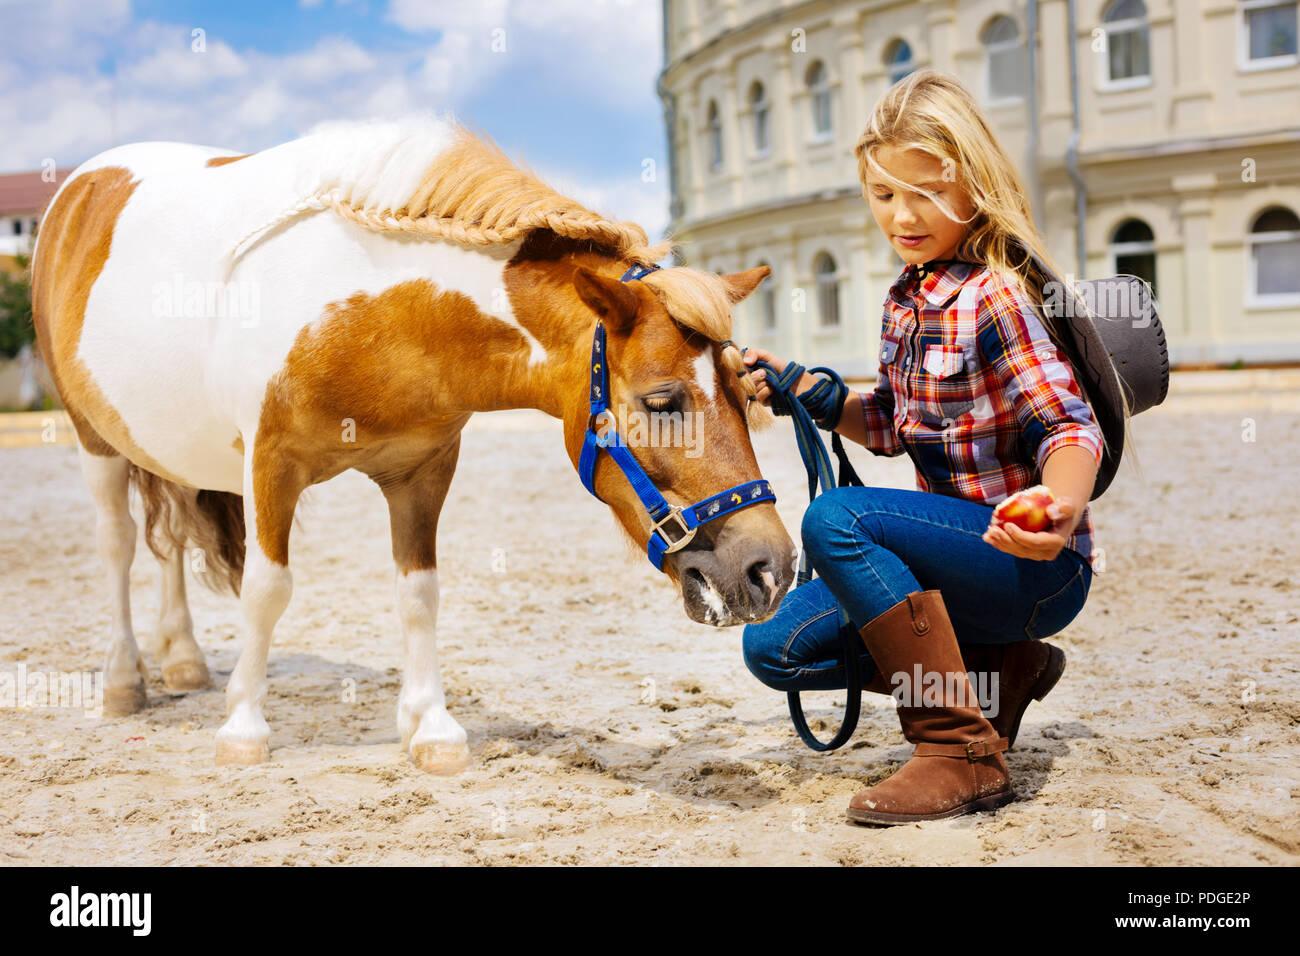 Ragazza carina che indossa in pelle marrone stivali equitazione cavallo di alimentazione Immagini Stock